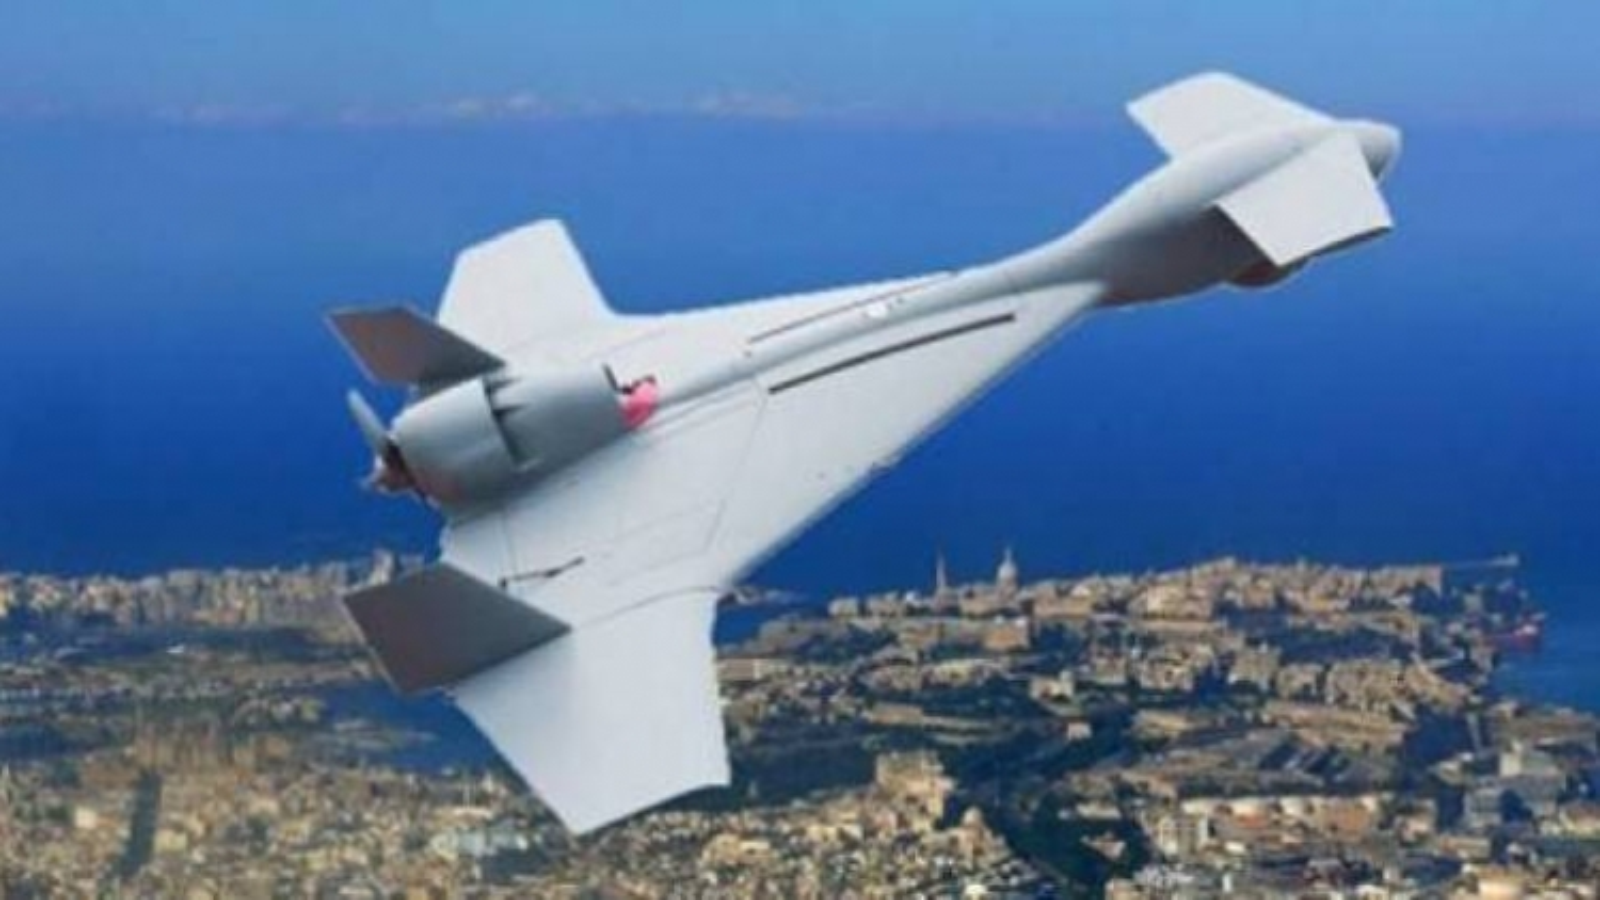 Vì sao UAV được triển khai ồ ạt trong cuộc xung đột giữa Armenia và Azerbaijan?